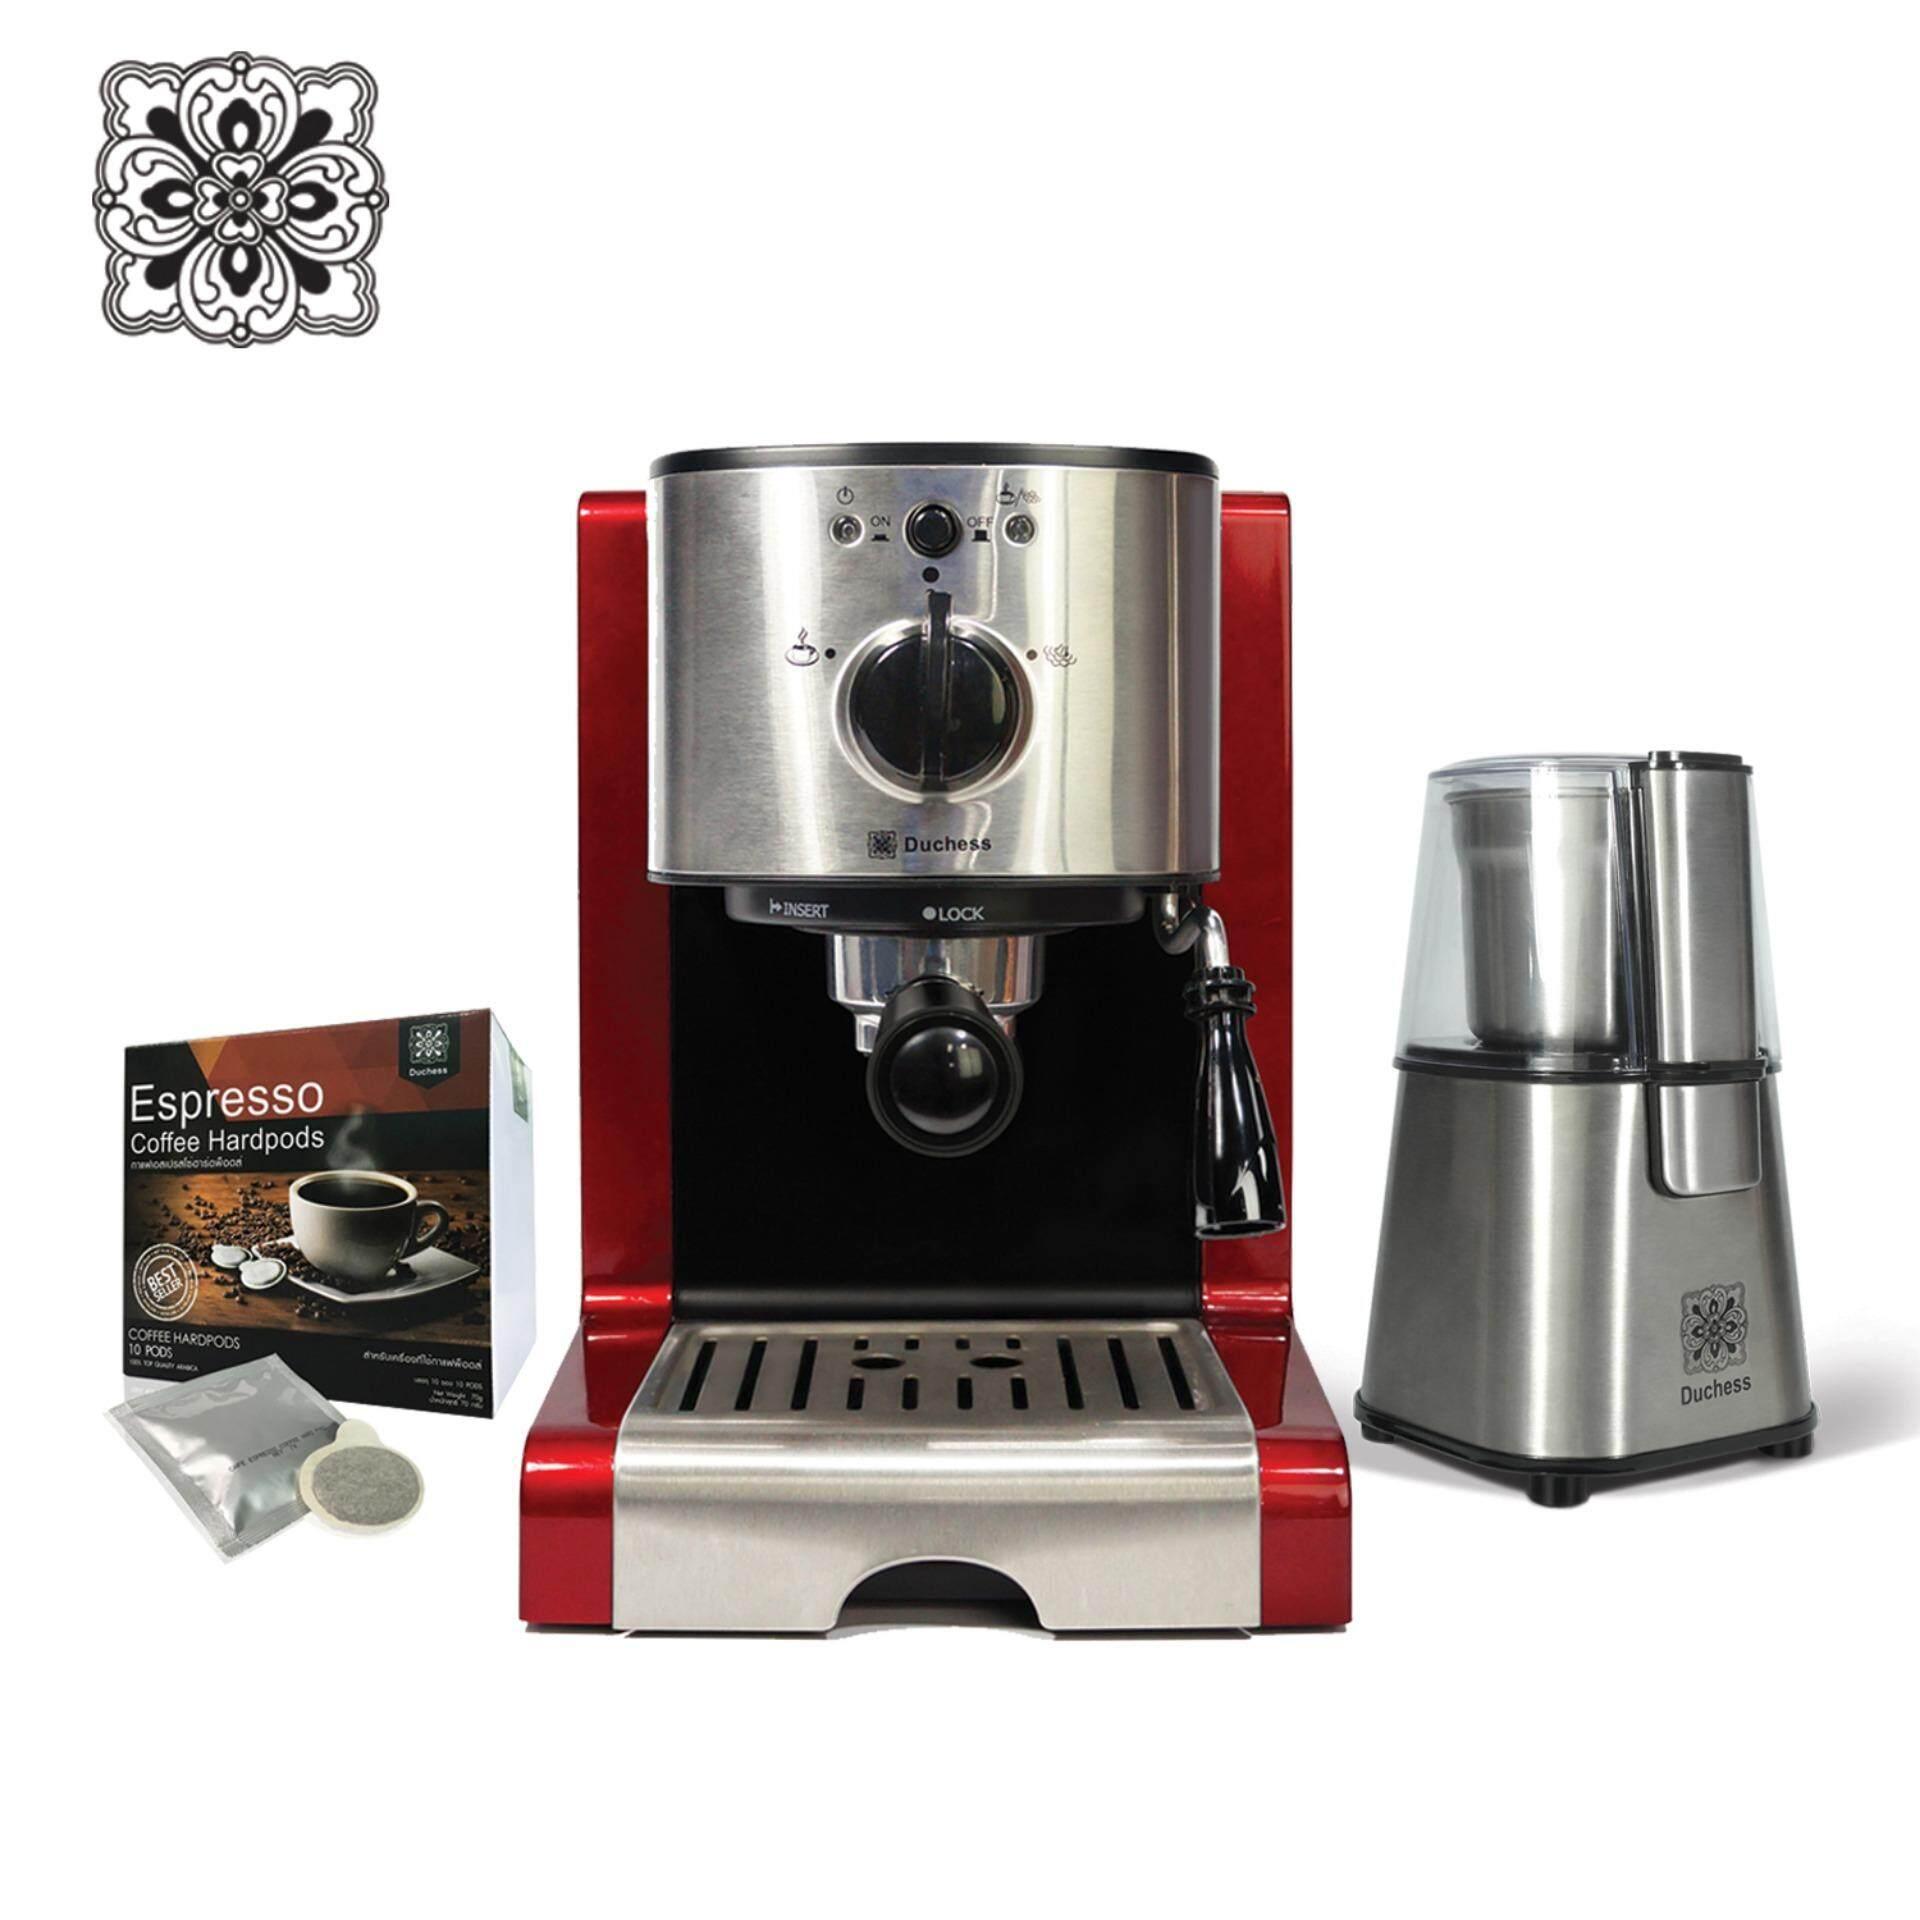 ซื้อ Duchess เครื่องชงกาแฟสด เอสเพรสโซ่ คาปูชิโน่ รุ่น Cm5000R เครื่องบดเมล็ดกาแฟ รุ่น Cg9100S Coffee Pods Duchess เป็นต้นฉบับ